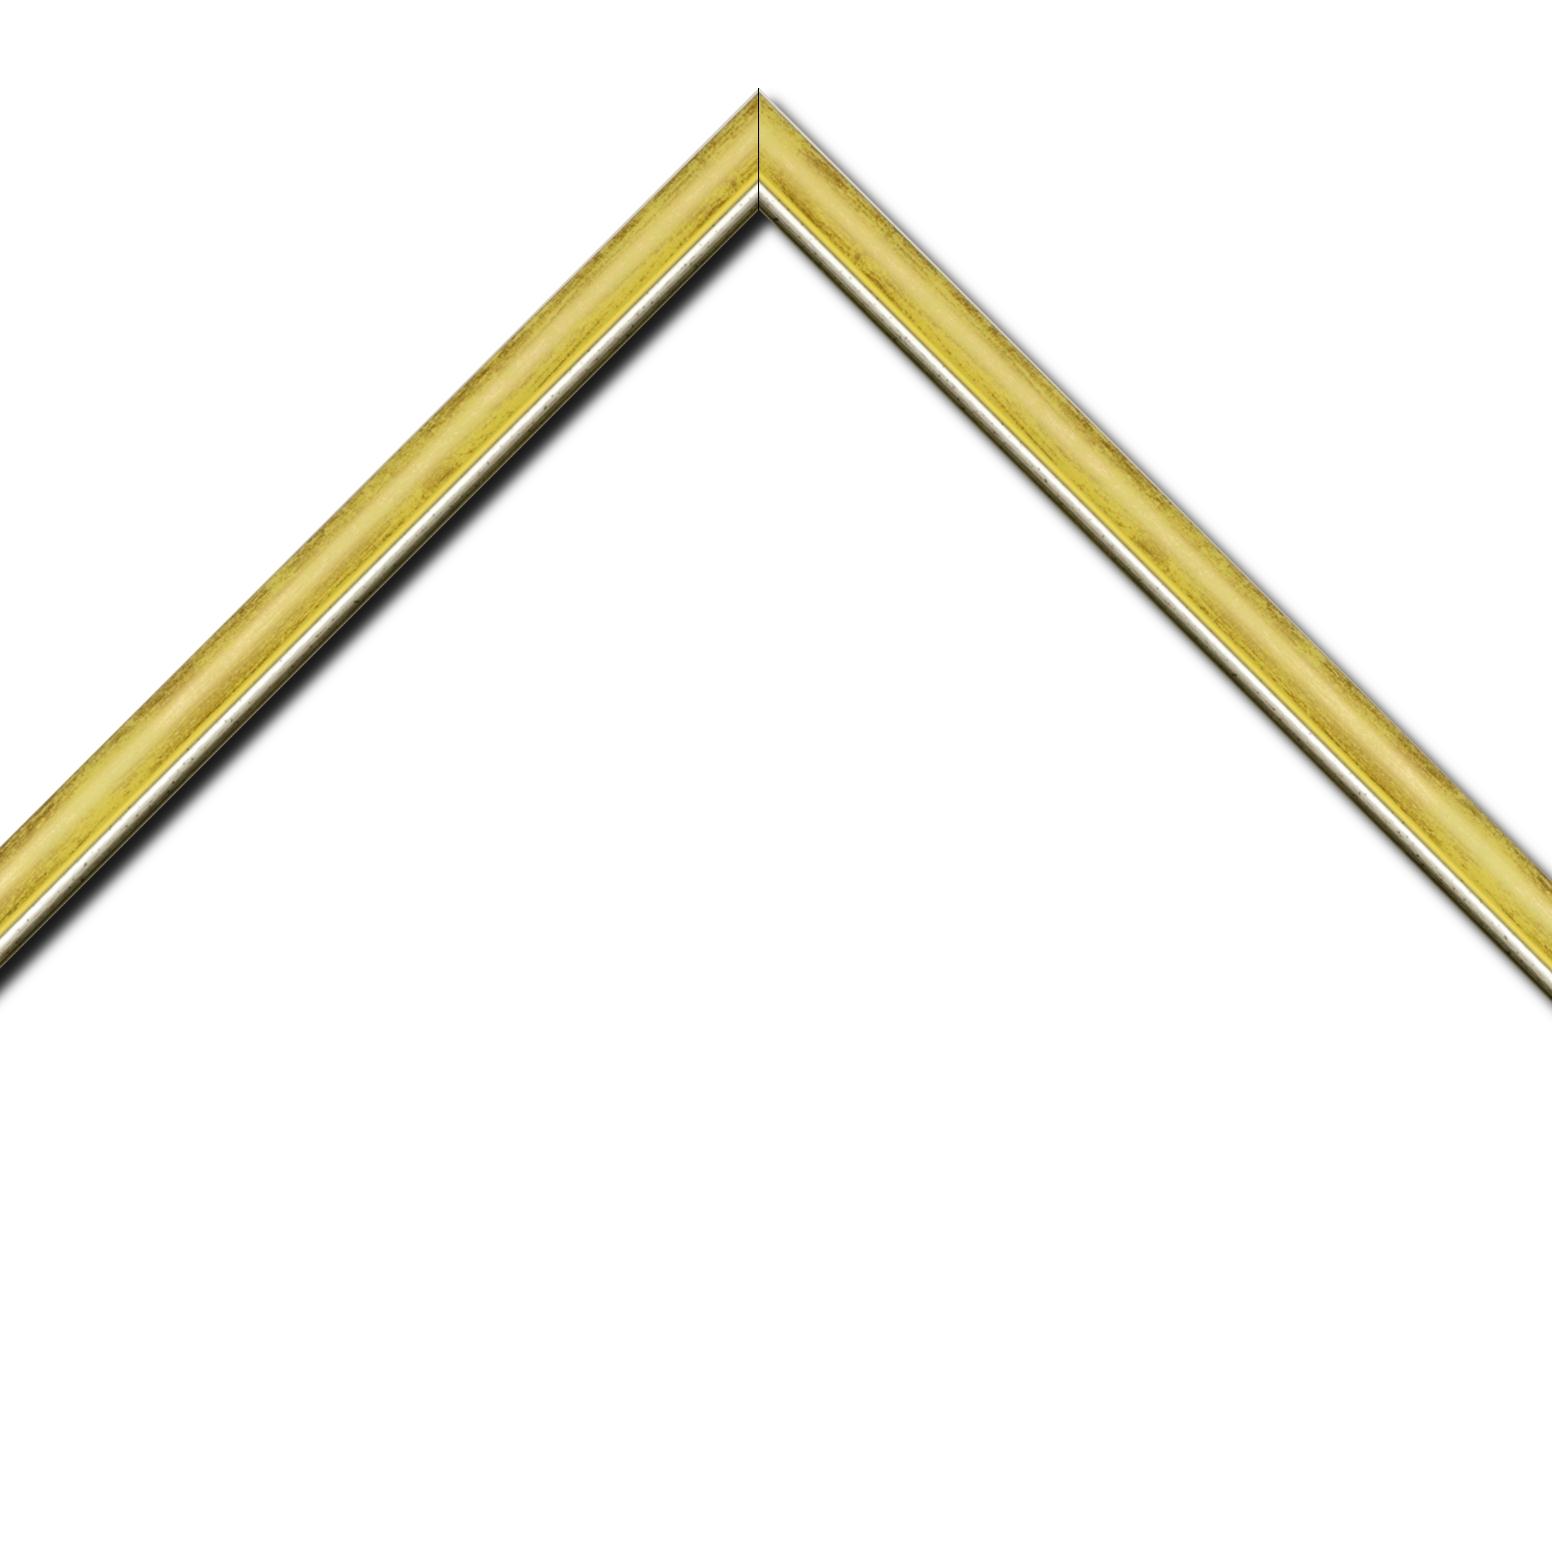 Baguette bois profil arrondi largeur 2.1cm  couleur  jaune fond or filet argent chaud